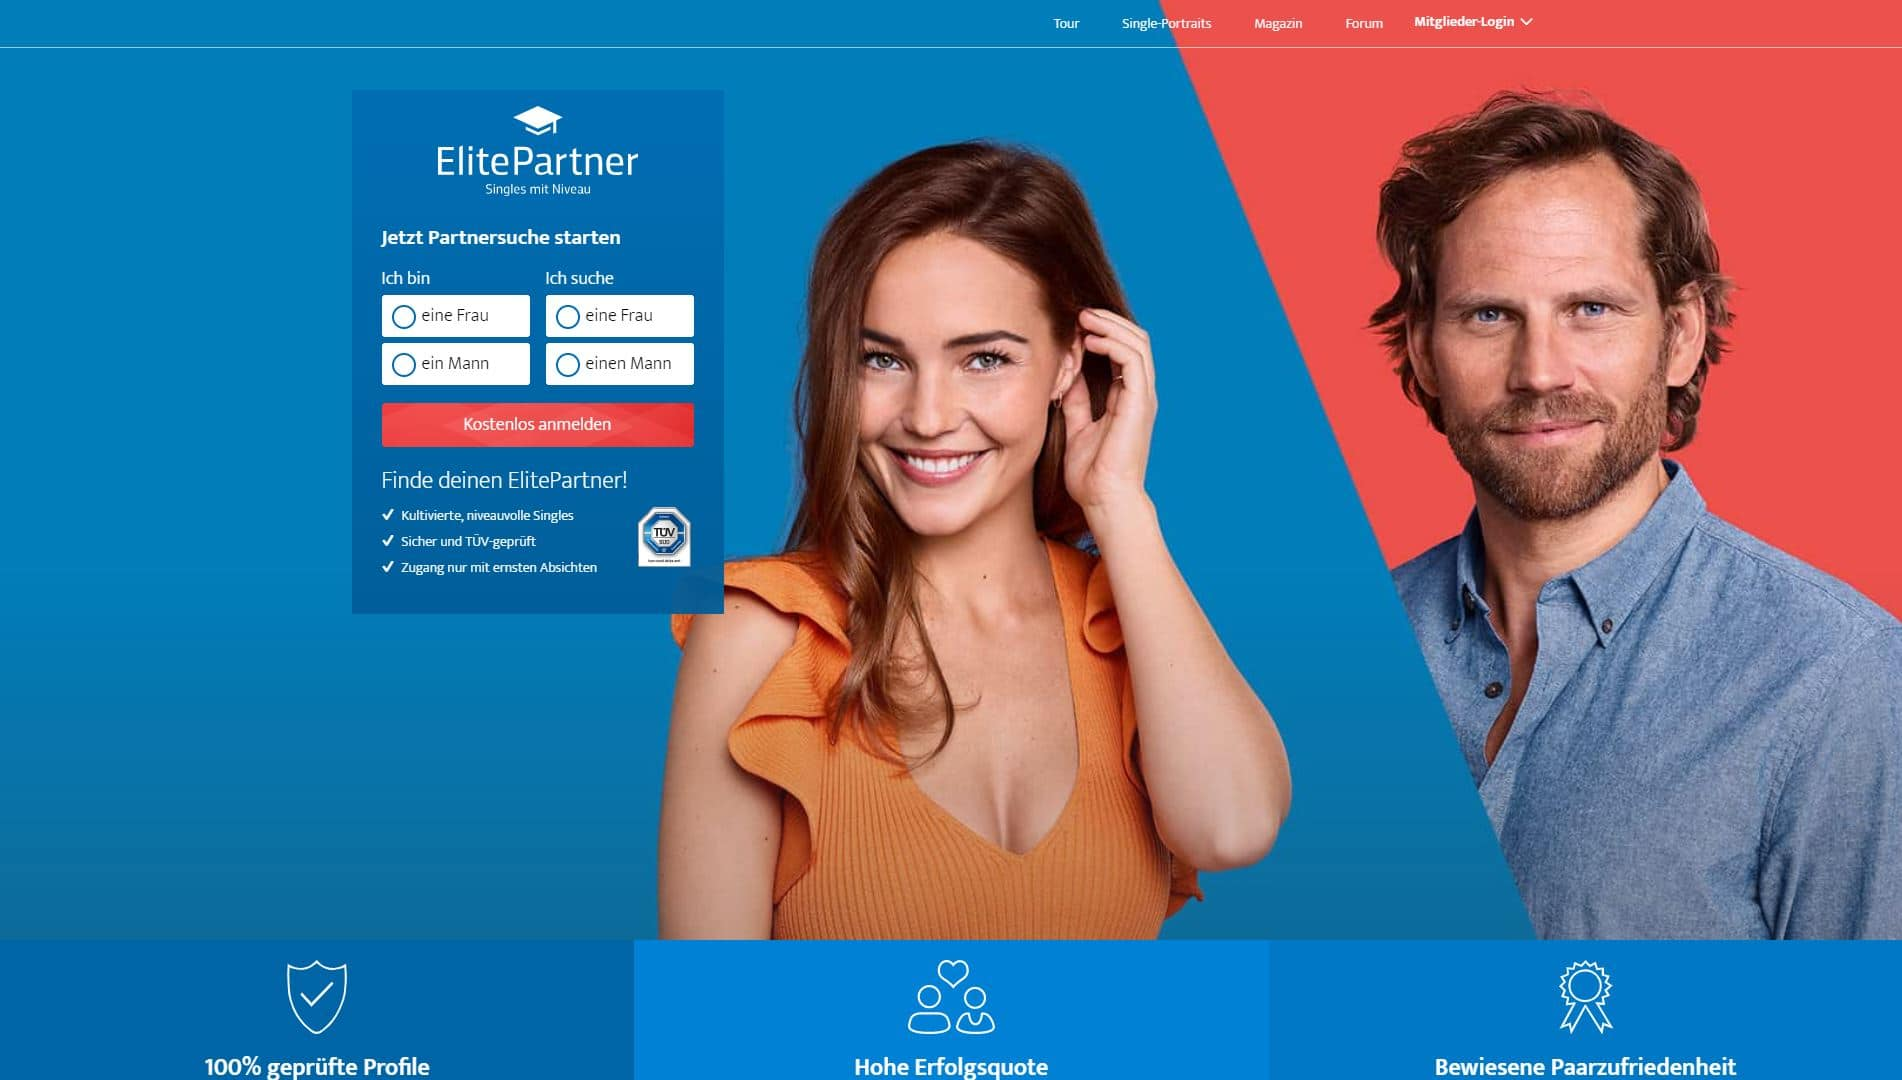 Bester online-dating-service für über 40